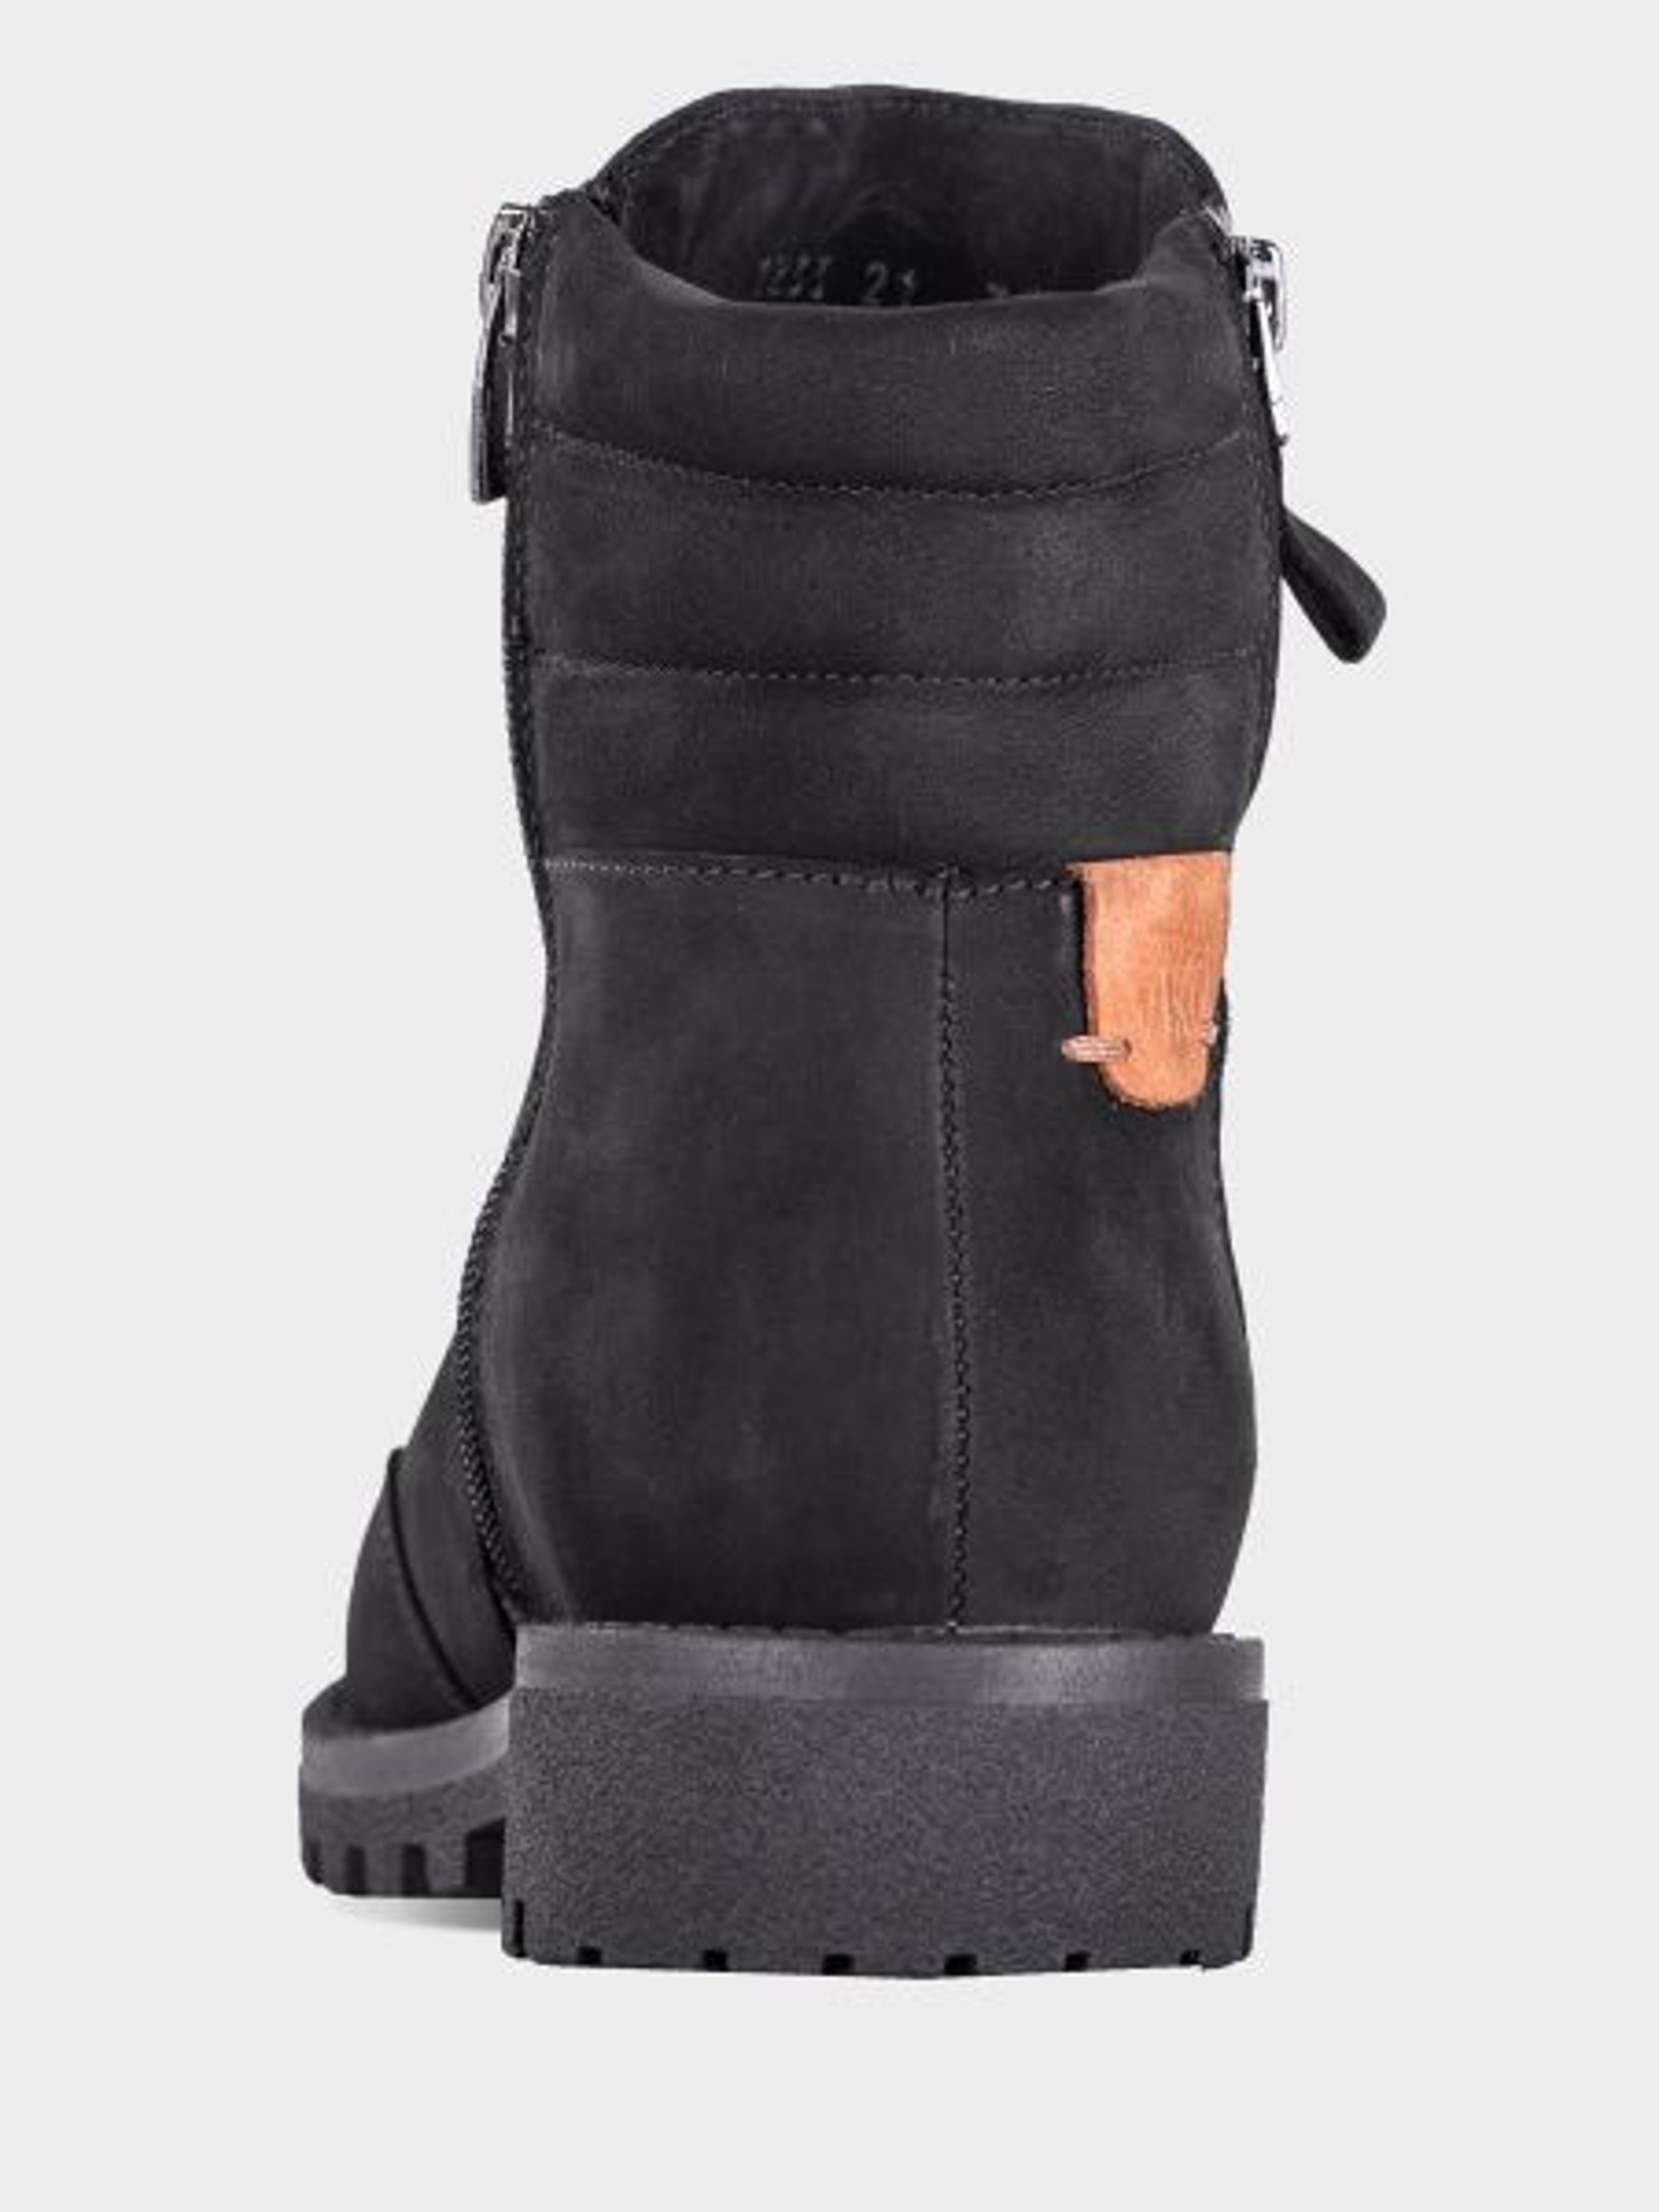 Ботинки для женщин Viko 9W44 примерка, 2017